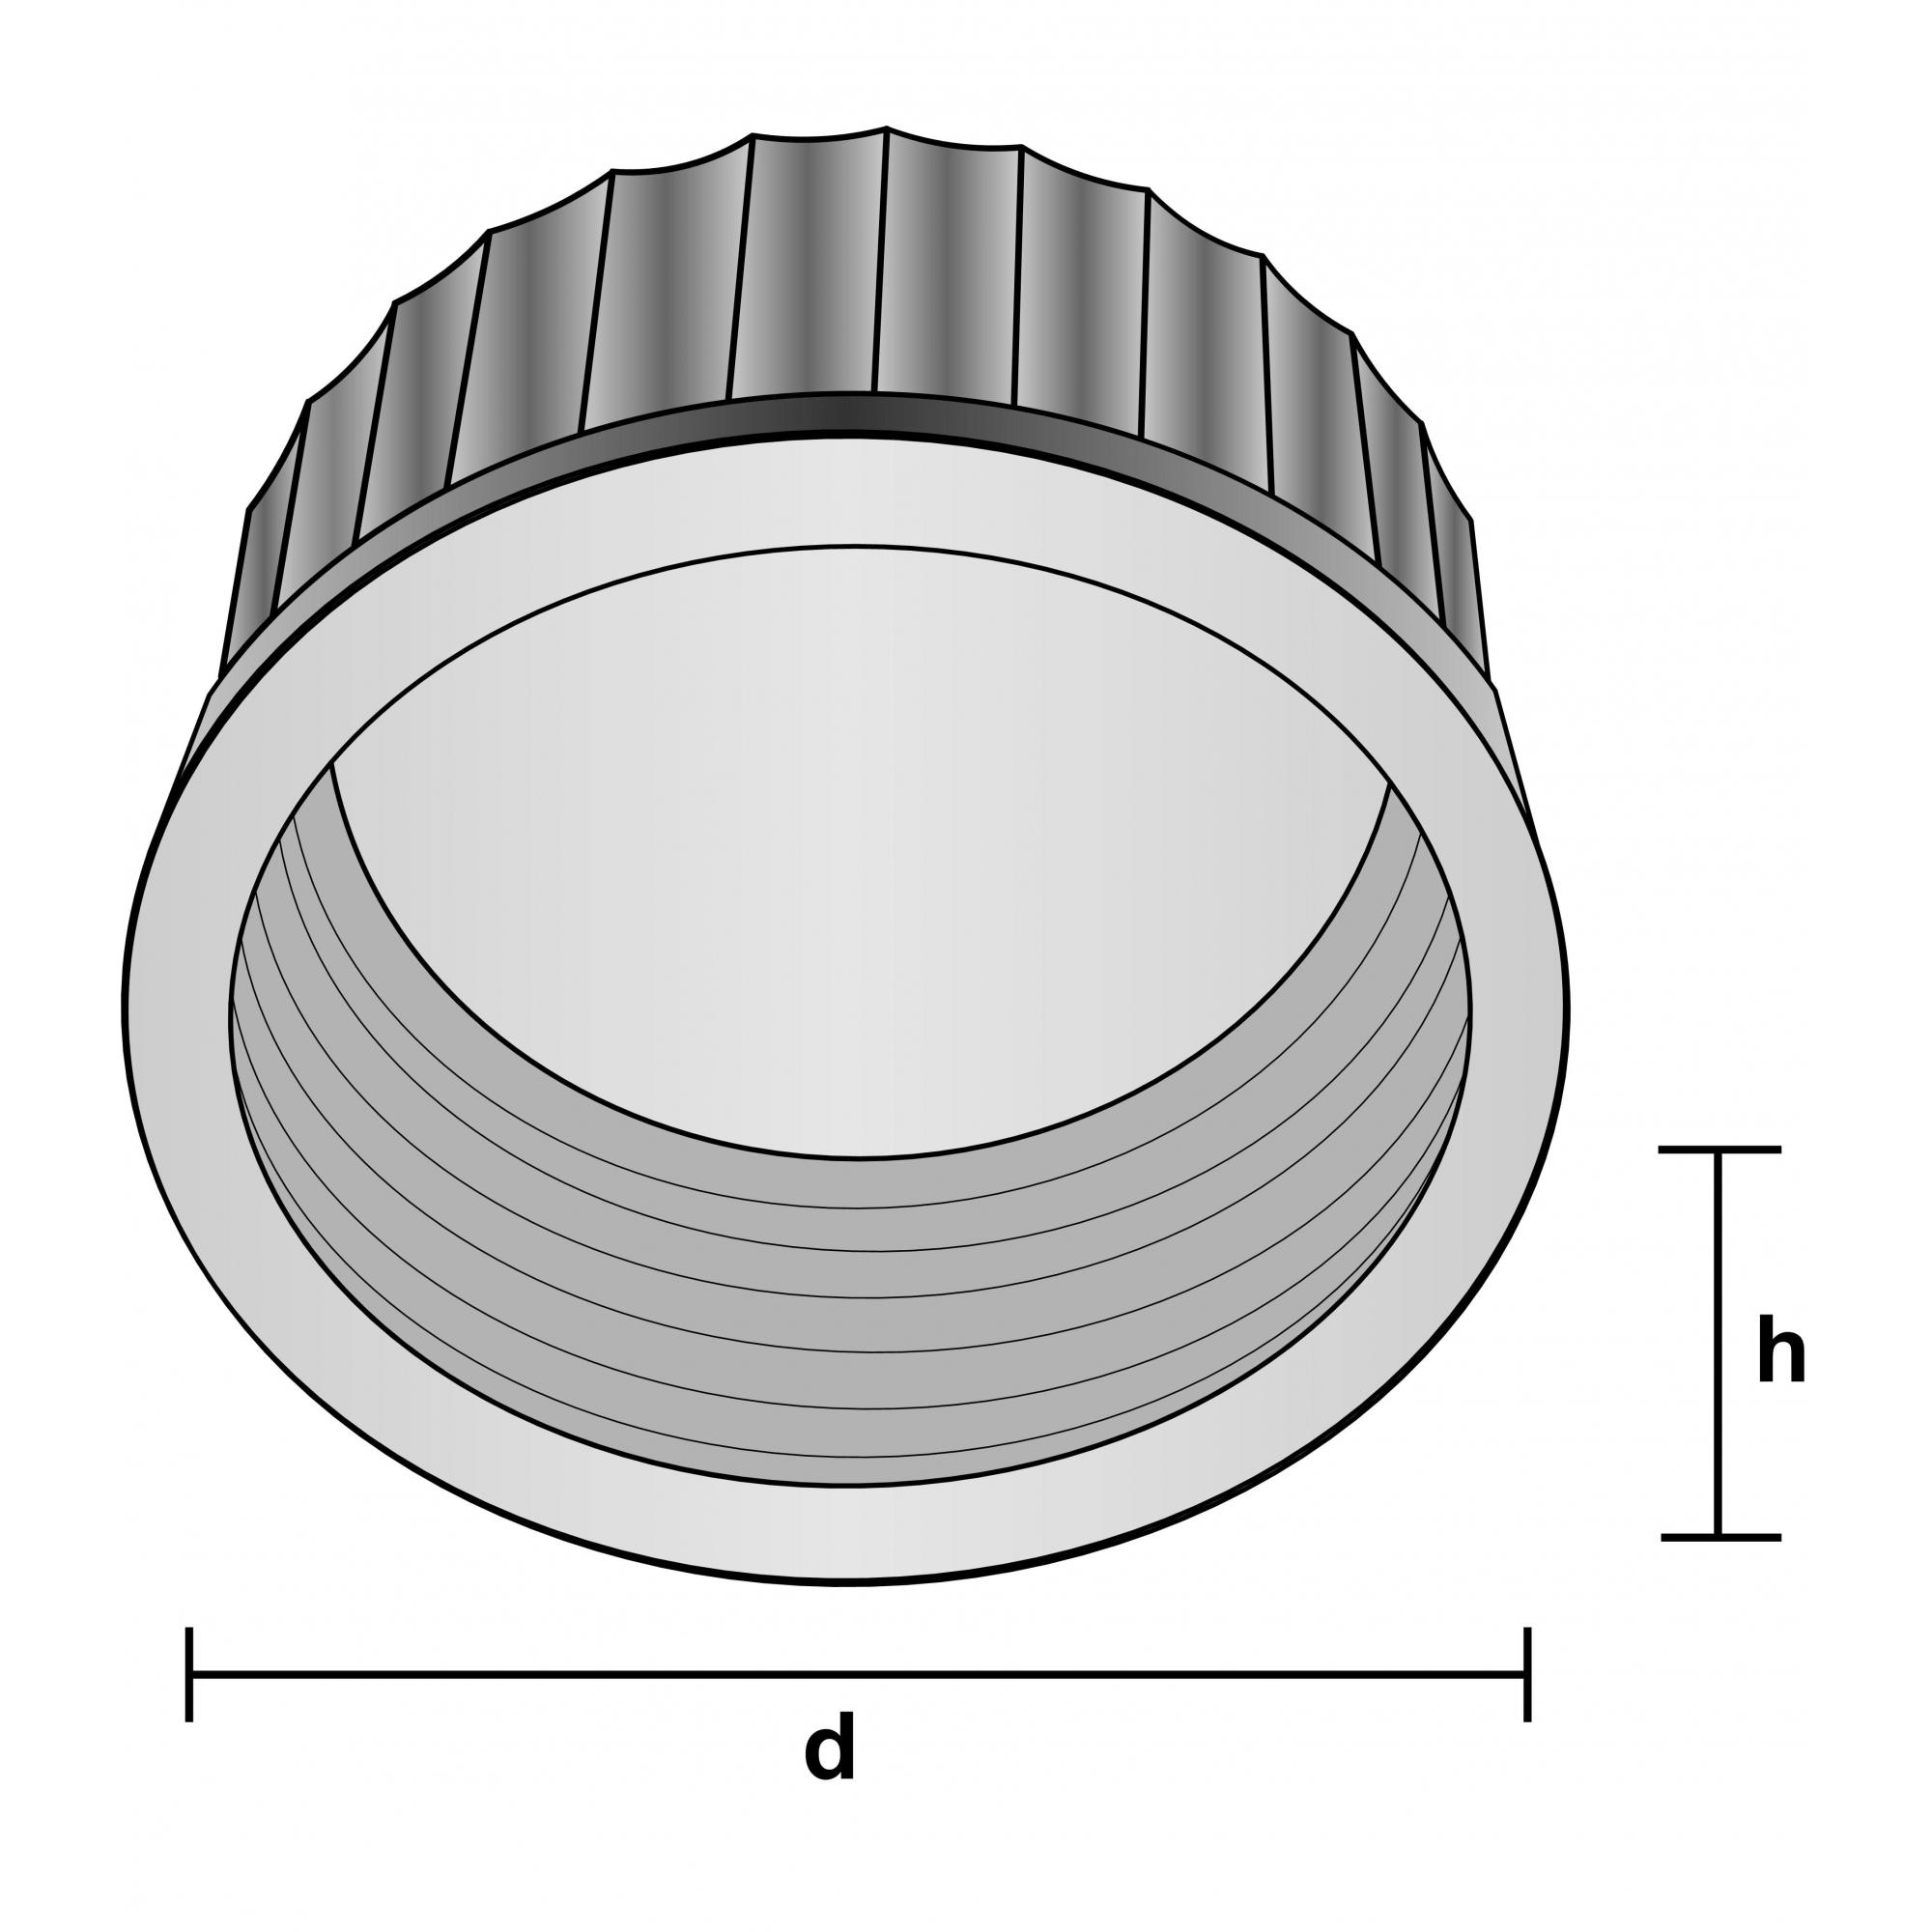 TAMPA ROSCA LISA C/ SEPTO VERDE GL 45 - Laborglas - Cód. 9954828